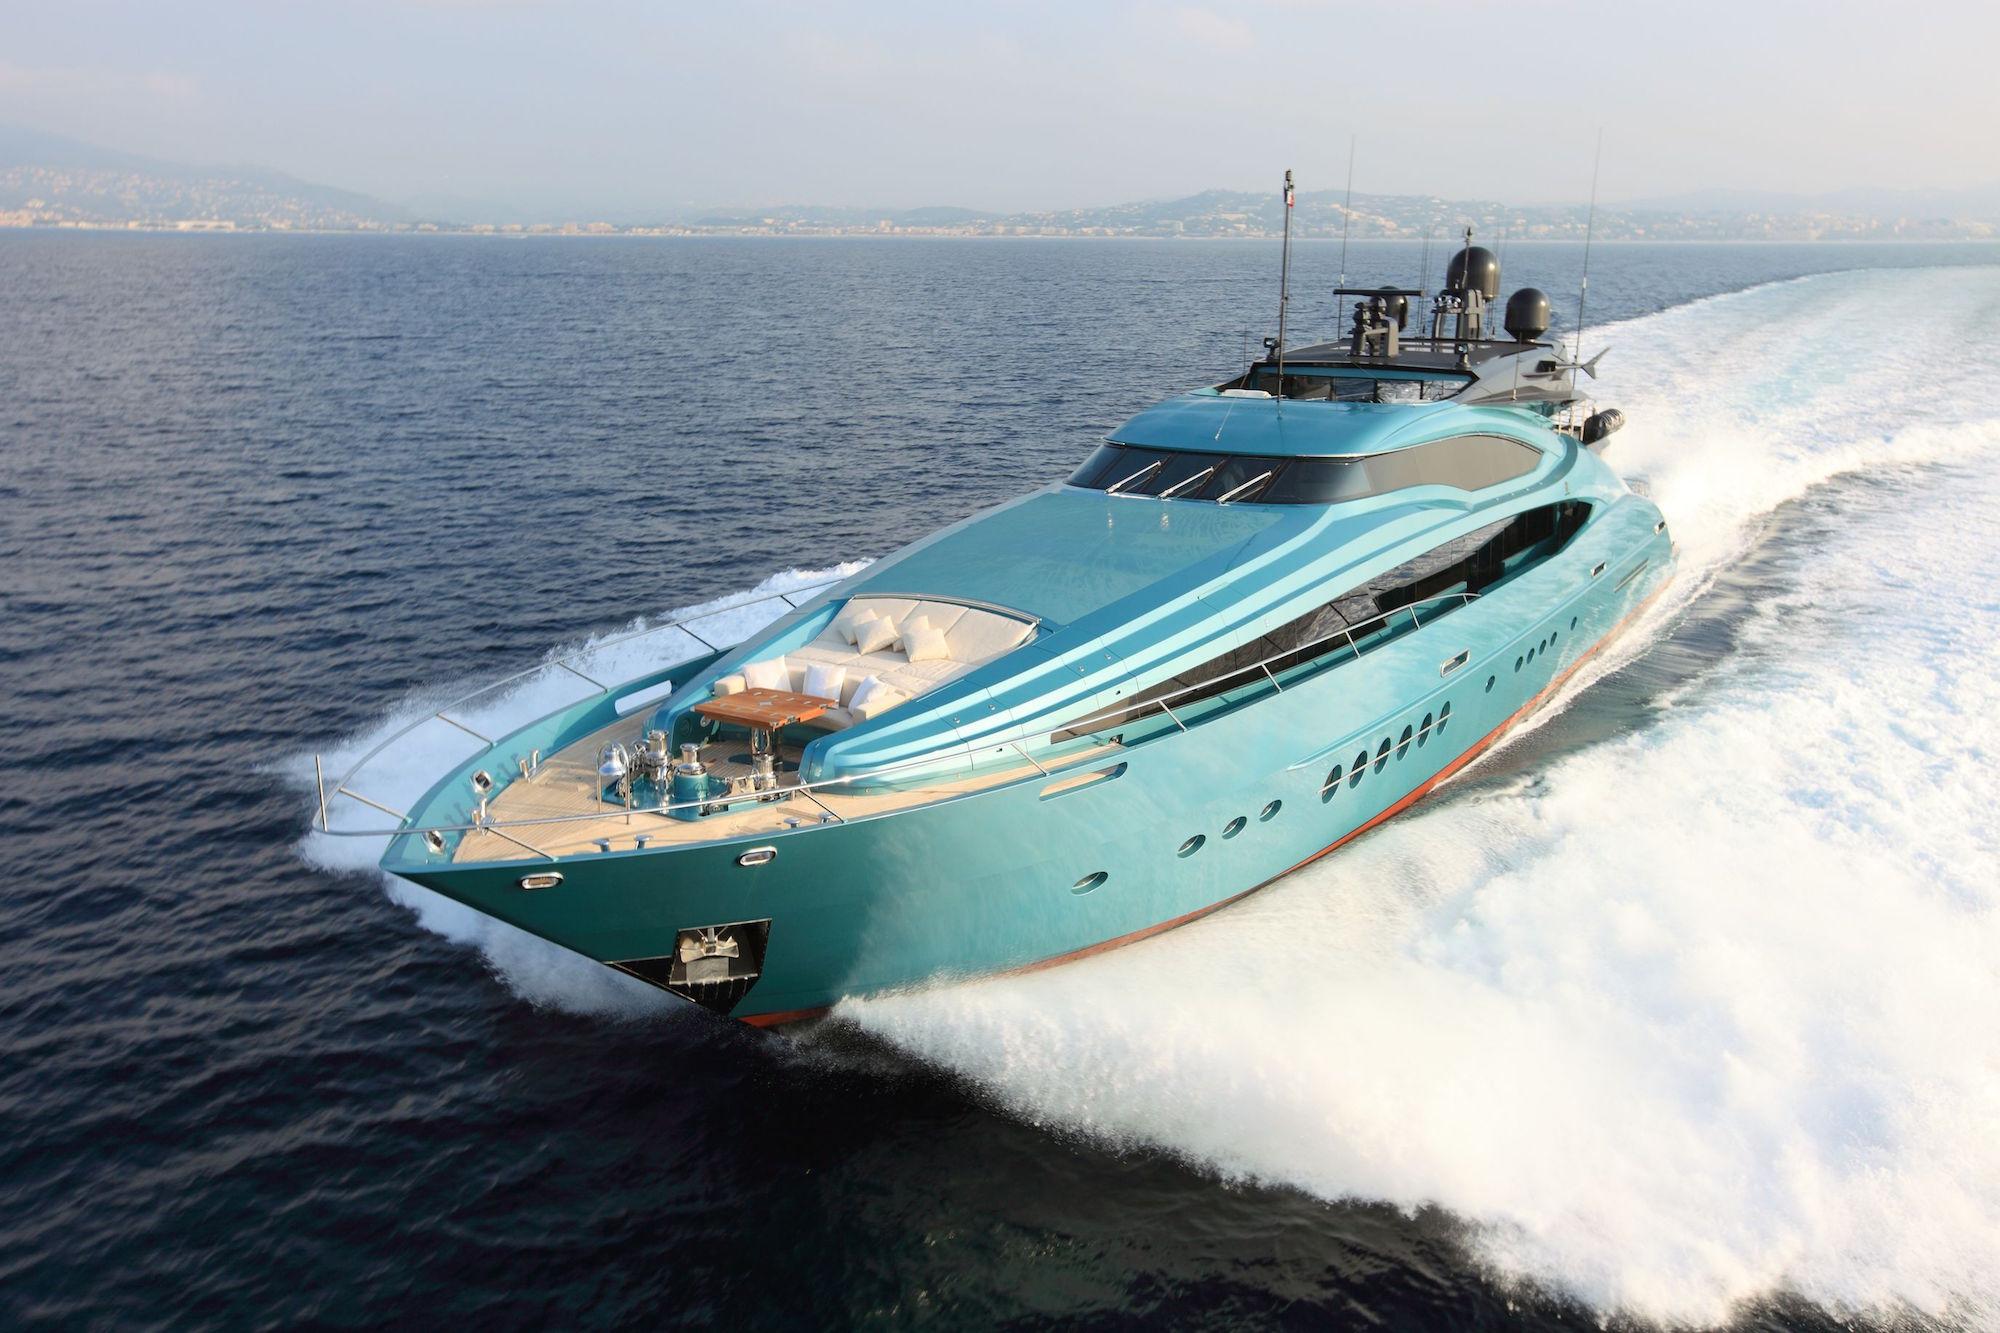 Large Ice Blue Yacht